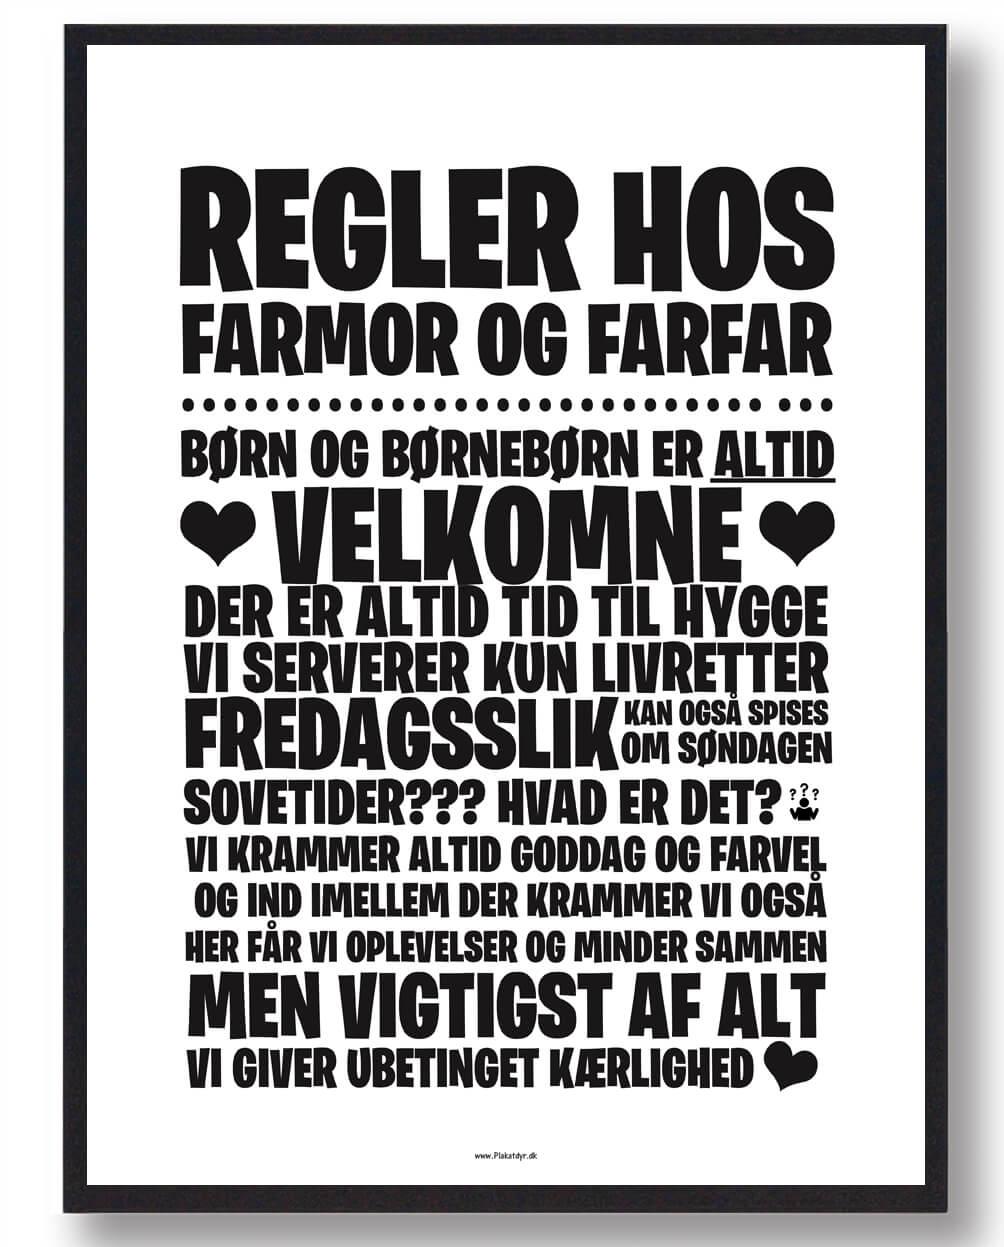 Regler hos Farmor og Farfar - plakat